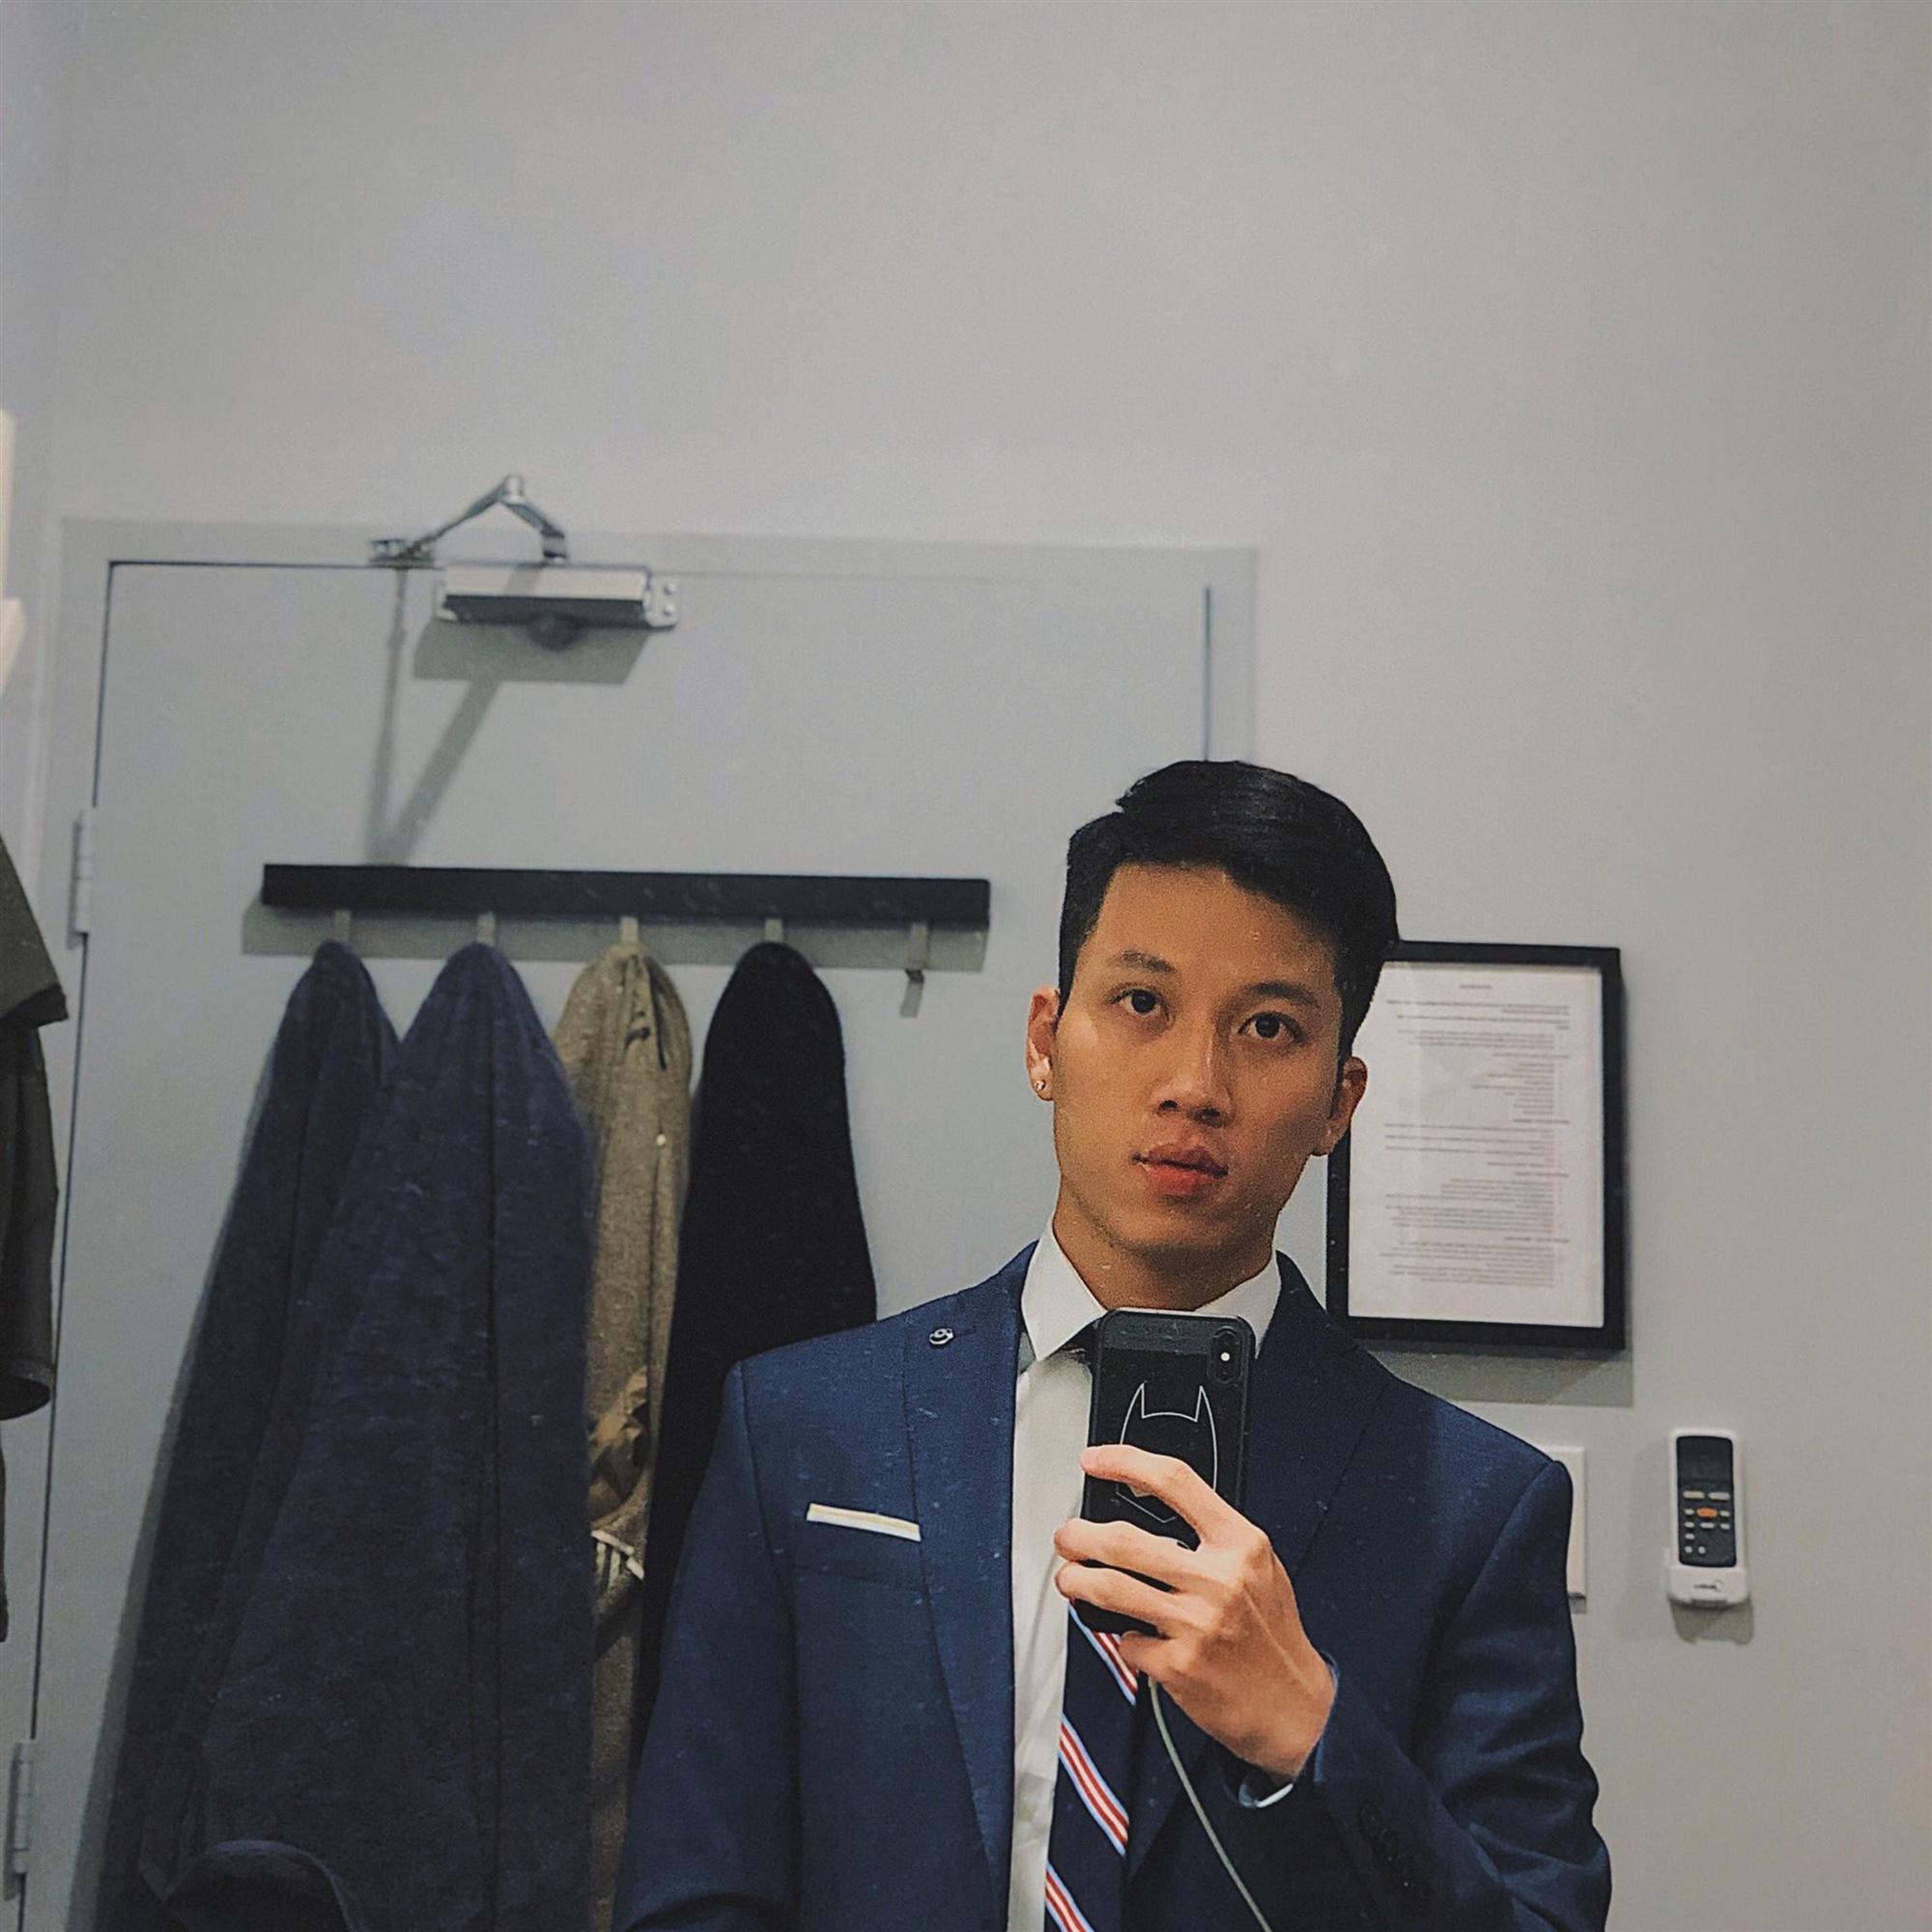 Thầy giáo Việt hot nhất MXH những ngày qua: Đẹp trai cao ráo như người mẫu, là thạc sĩ Ngôn ngữ tại Úc-3